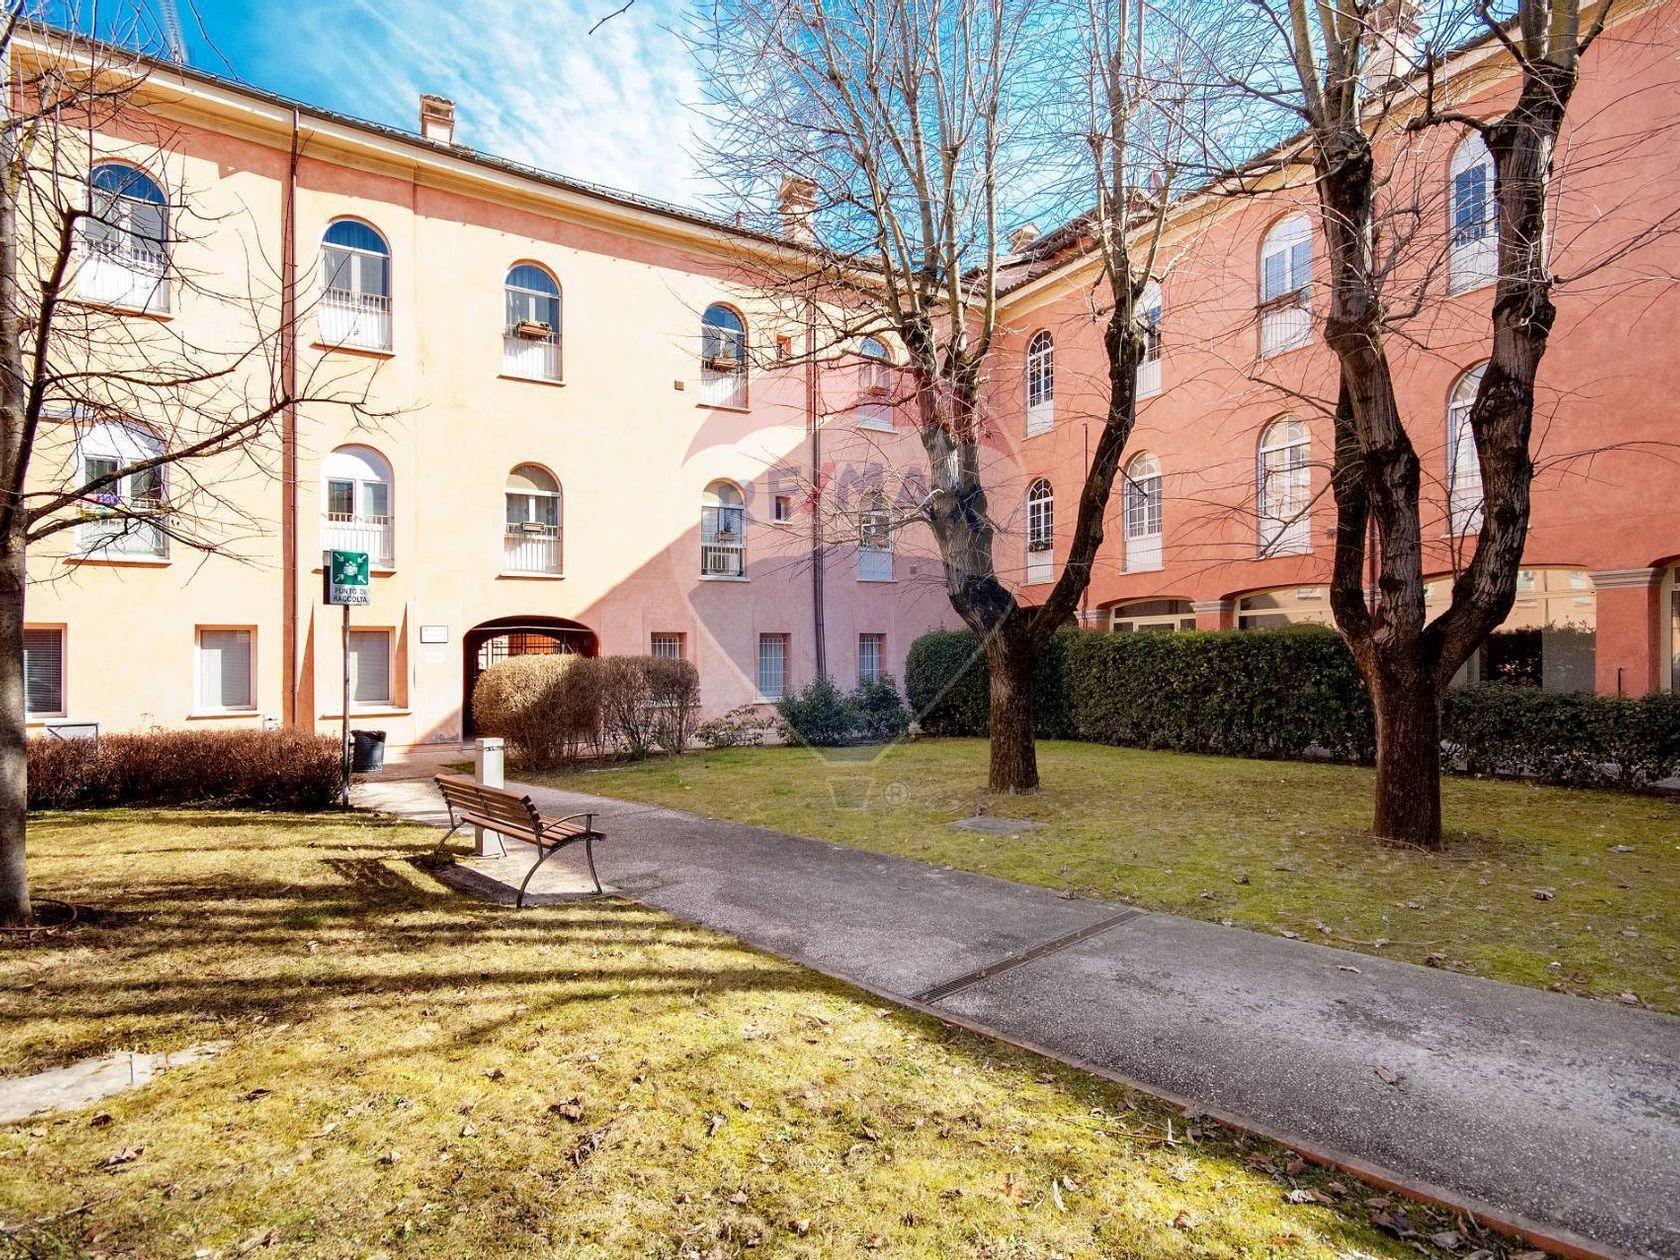 Appartamento Zona Centro Storico, San Giovanni in Persiceto, BO Vendita - Foto 2